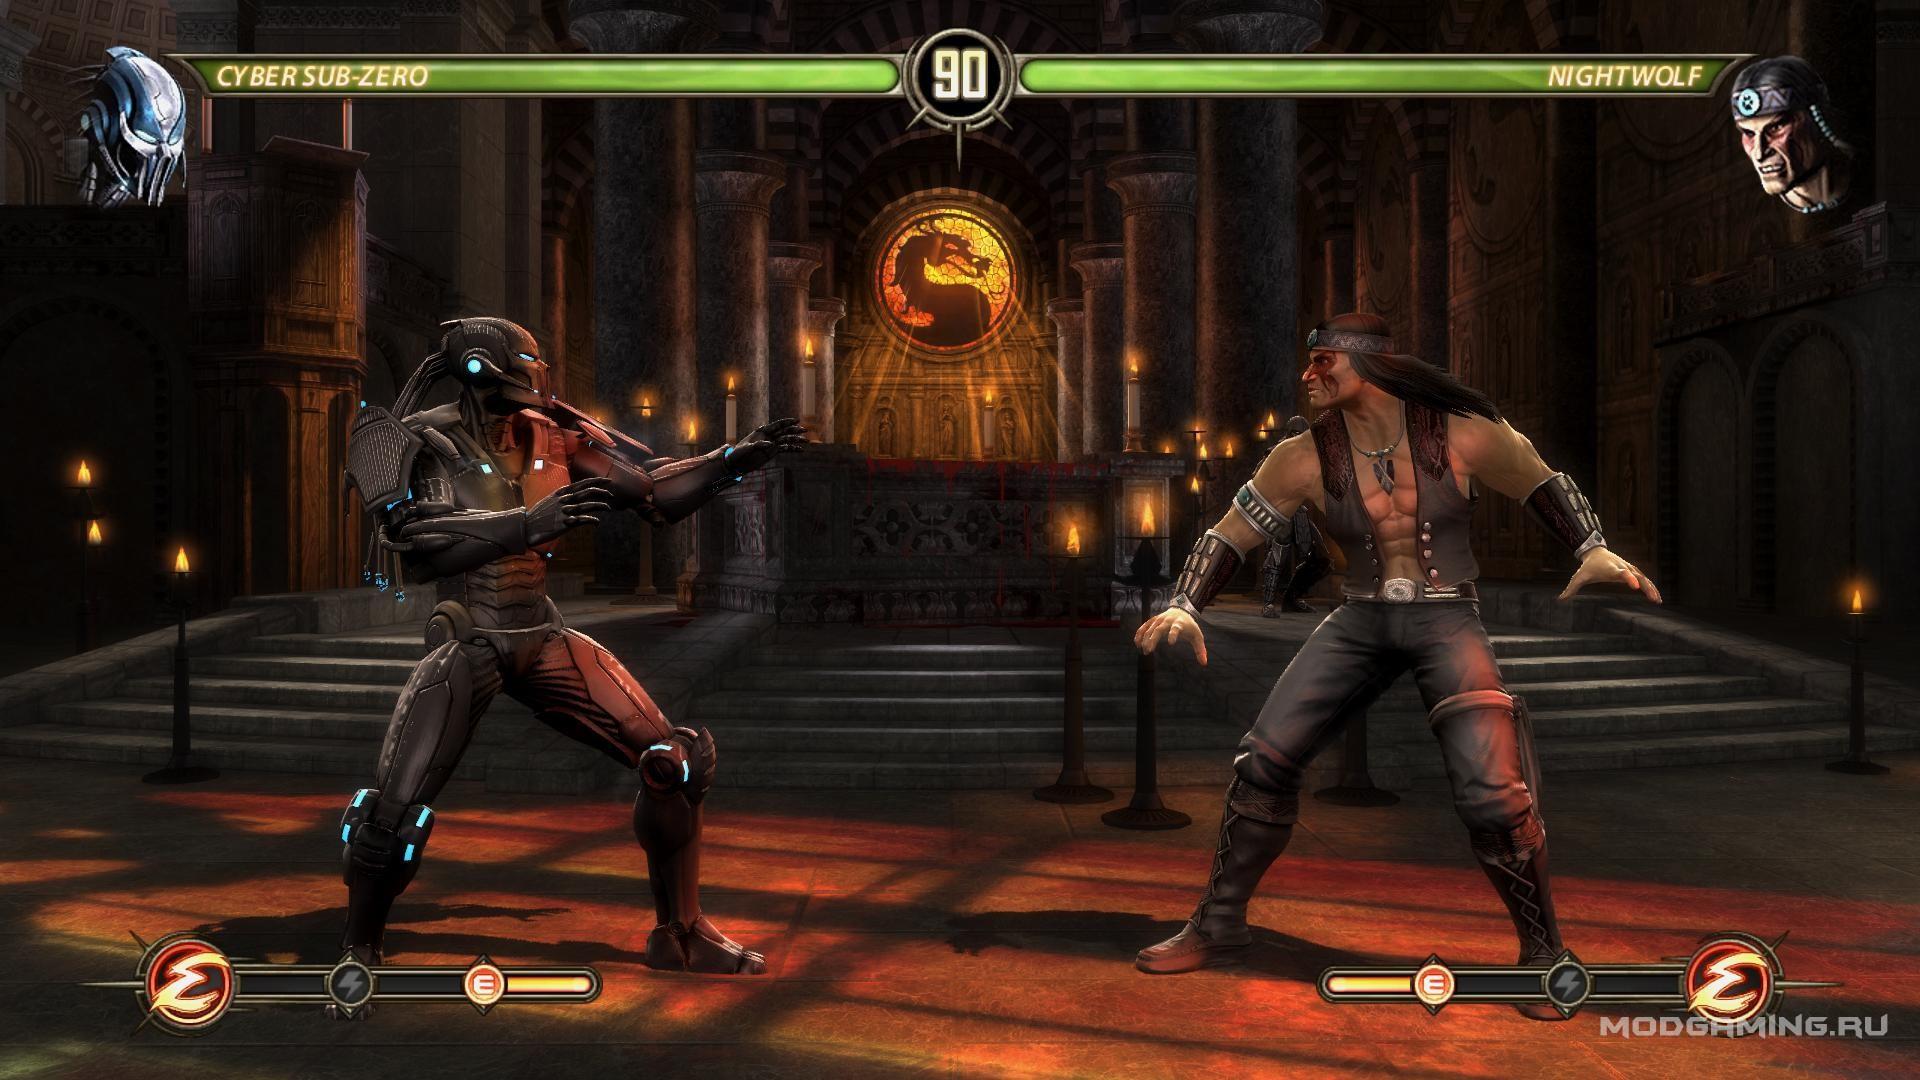 Скачать мод Mortal Kombat Complete Edition — Саб-Зиро из